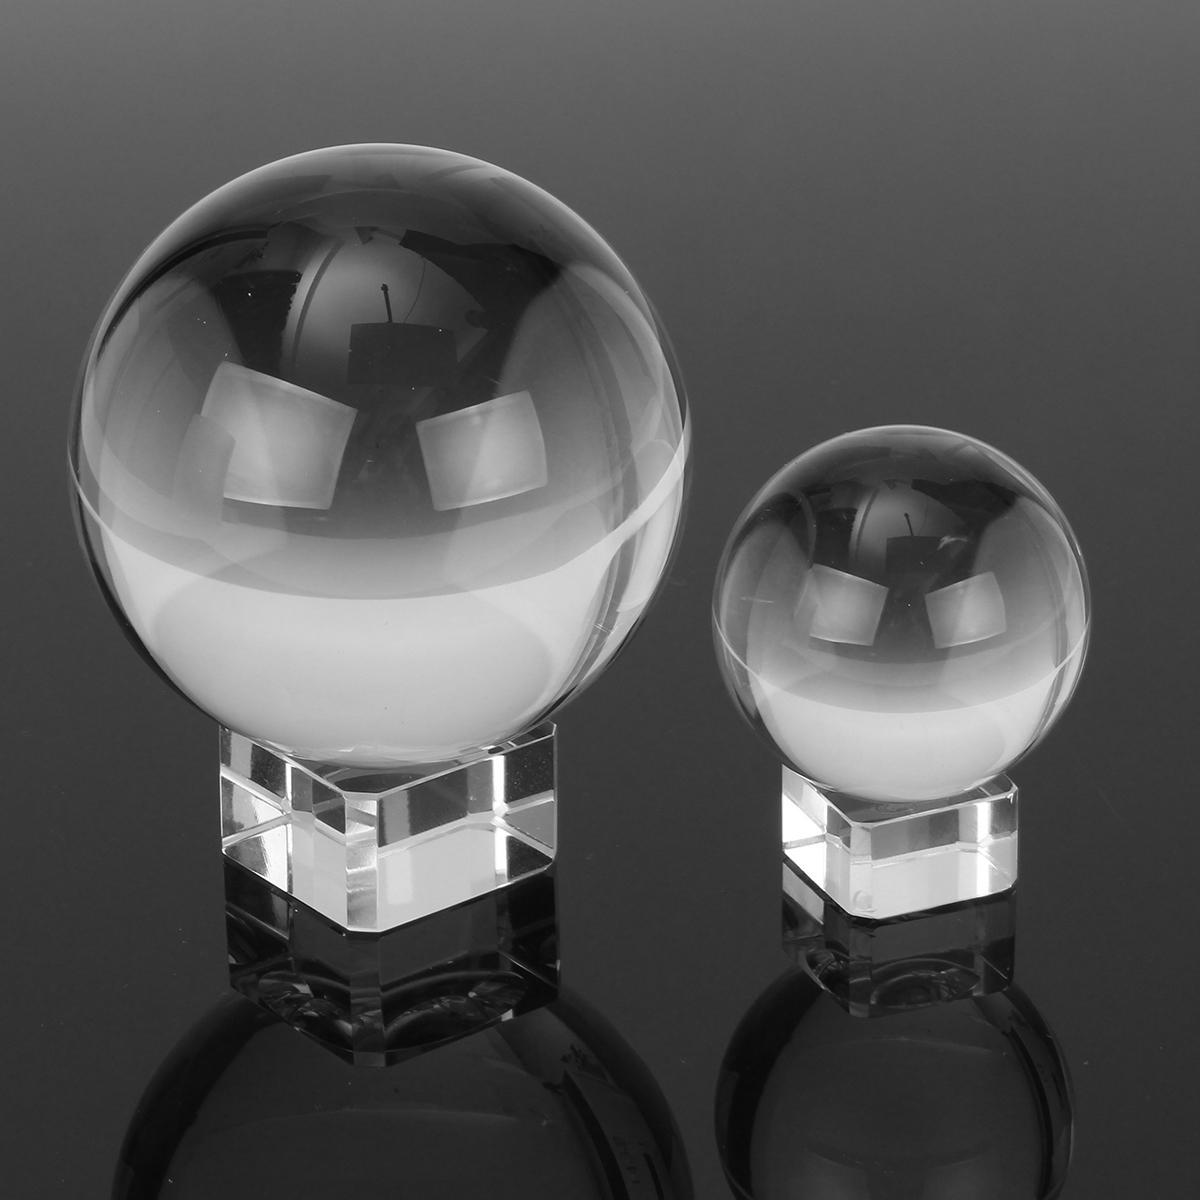 50/80 ملليمتر K9 واضح كريستال زجاج الكرة التصوير الفوتوغرافي lensball صور الدعامة الخلفية ديكورات هدية